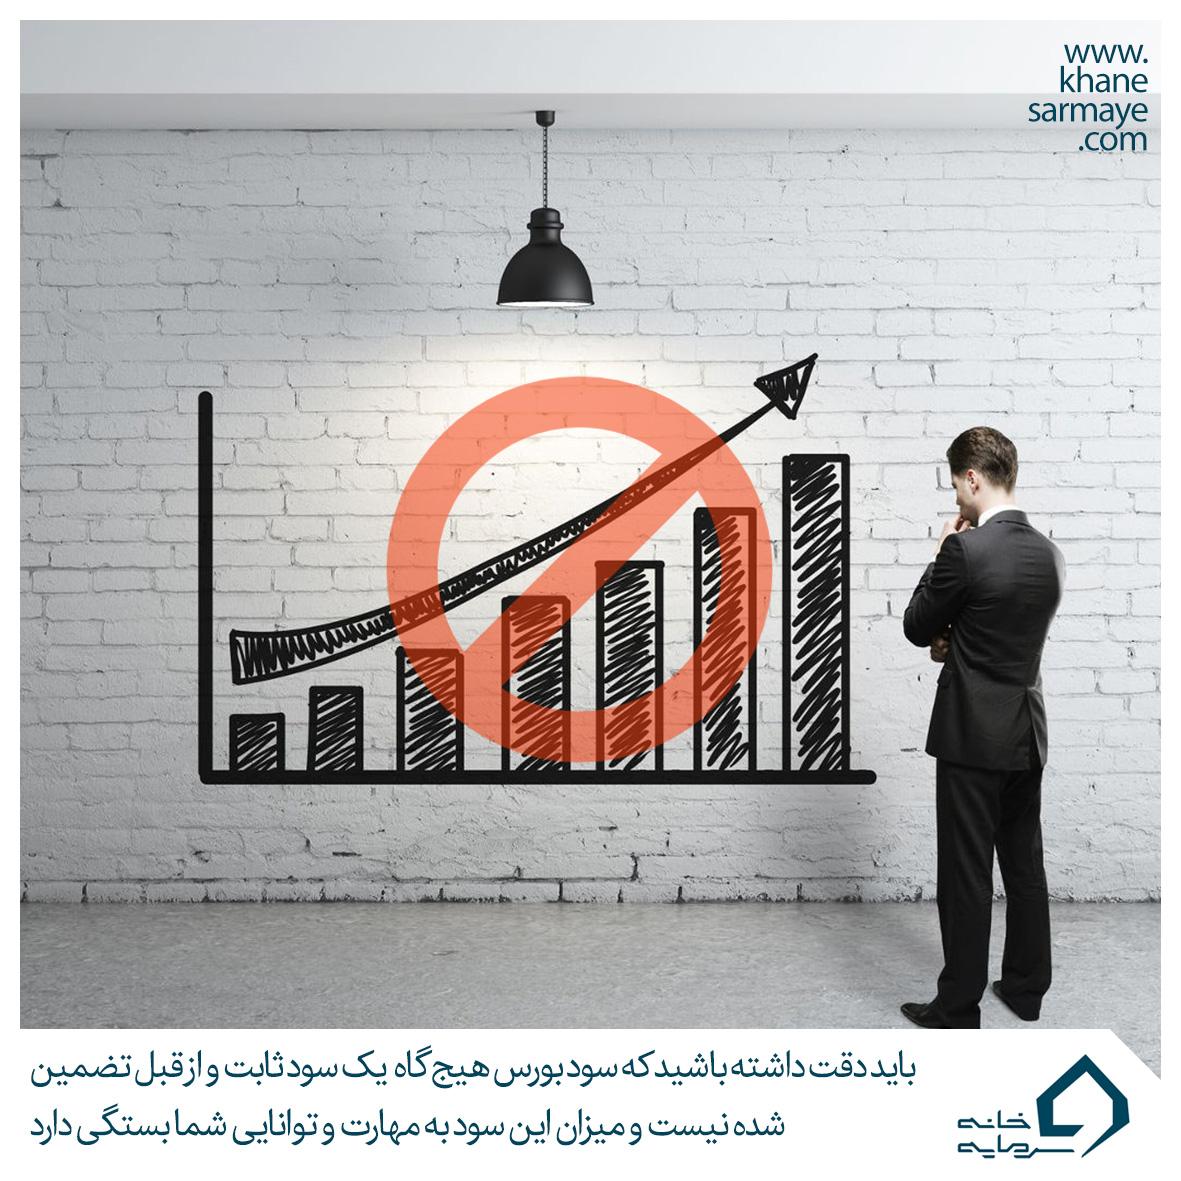 سود و درآمد سرمایه گذاری در بورس